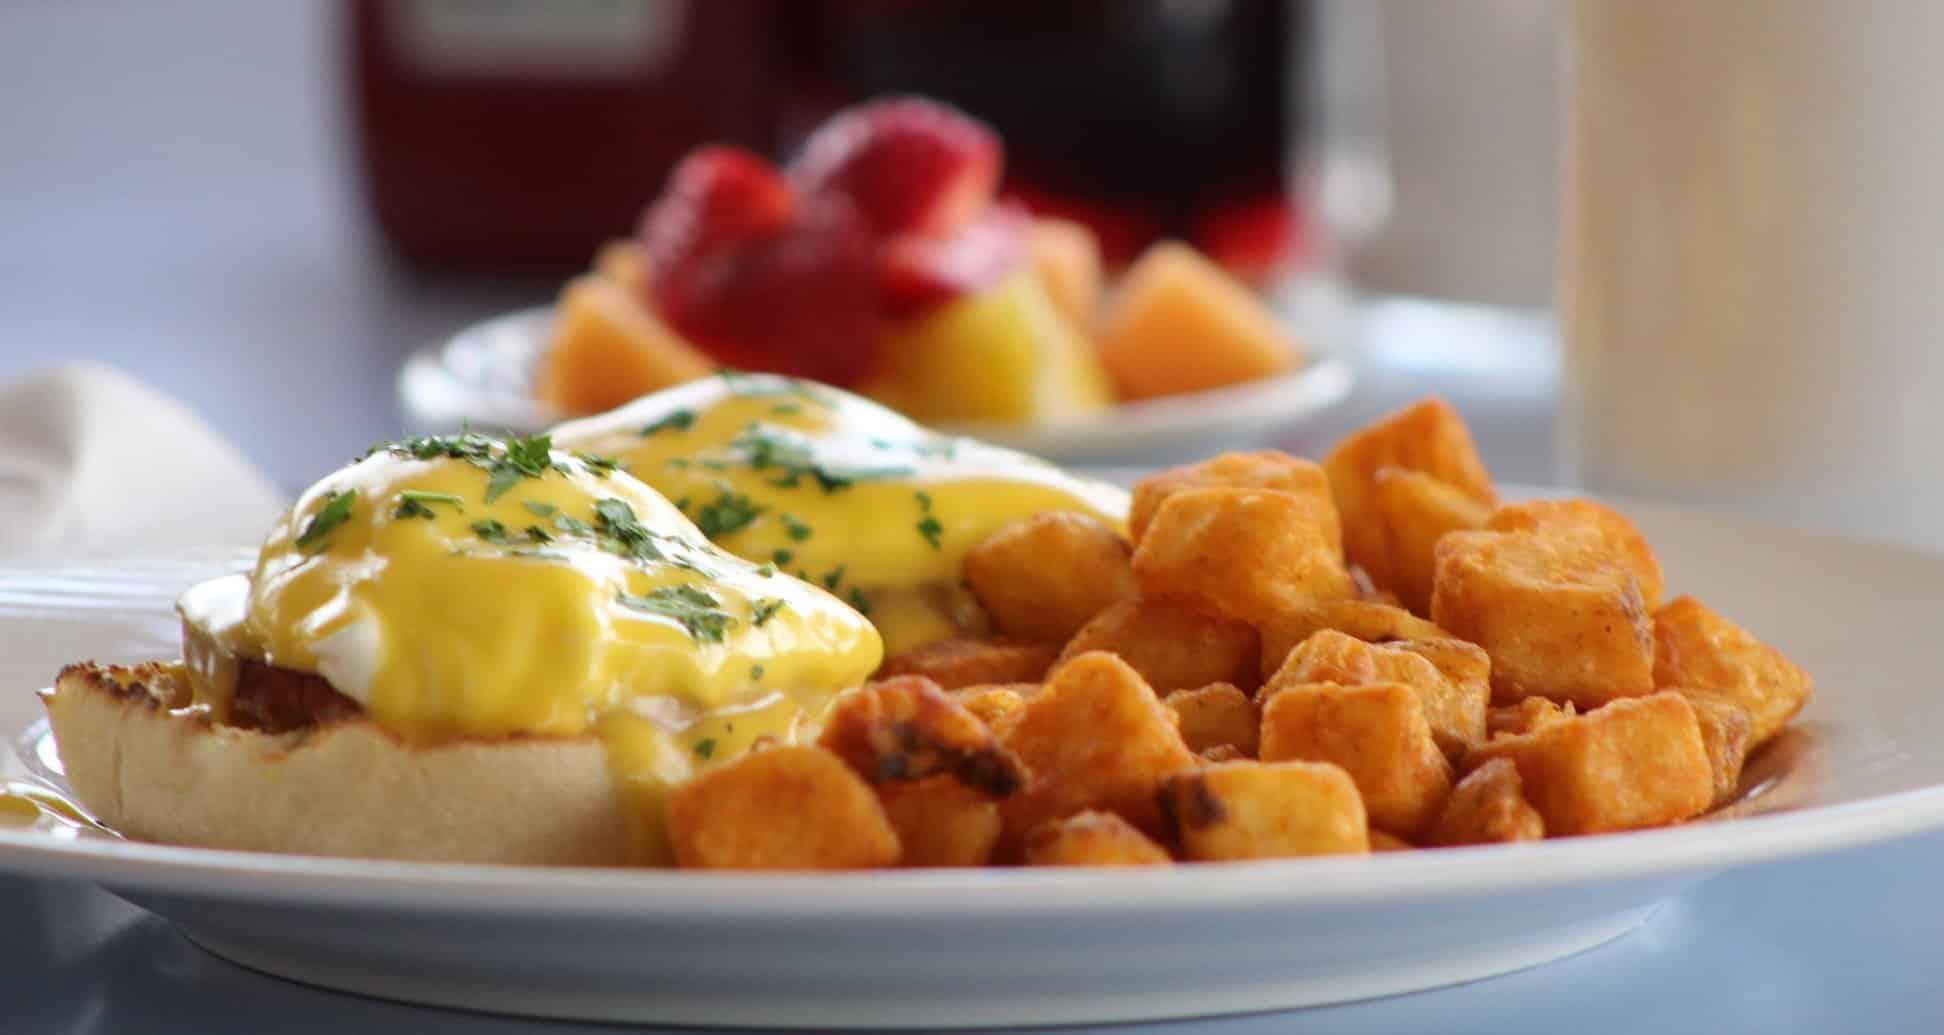 Breakfast Food in Wilmington Delaware